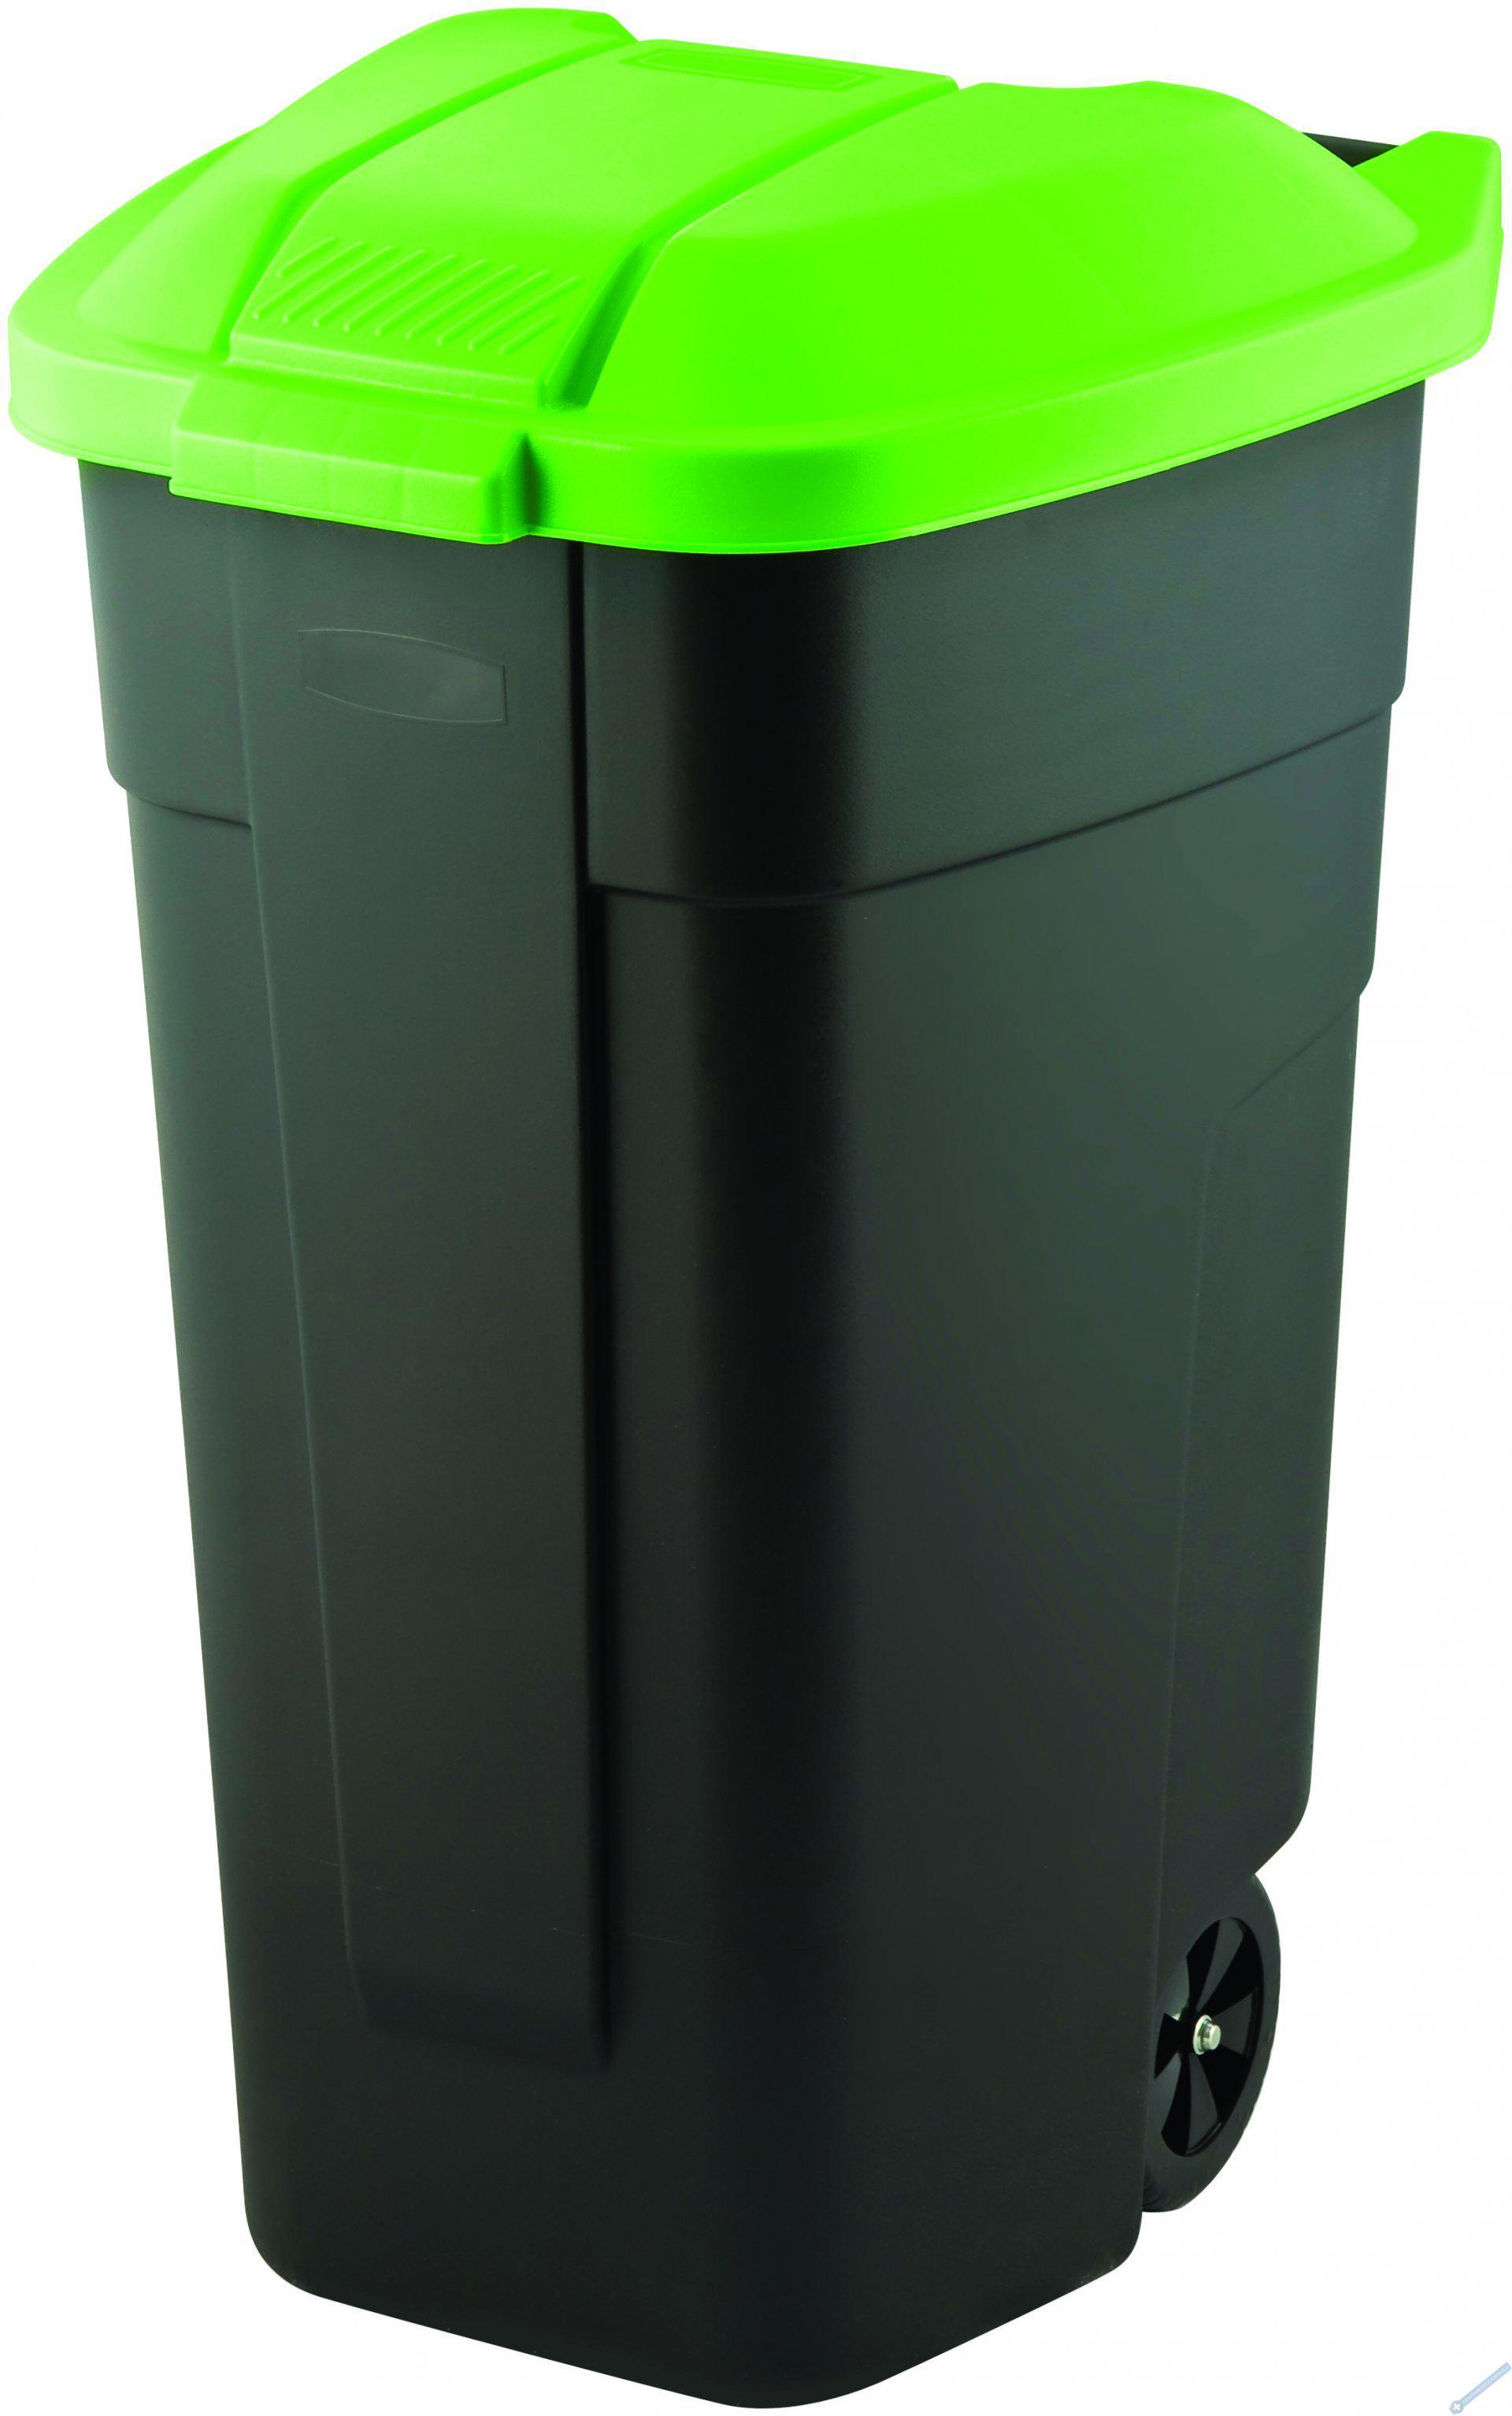 Popelnice 110l černá/zelená